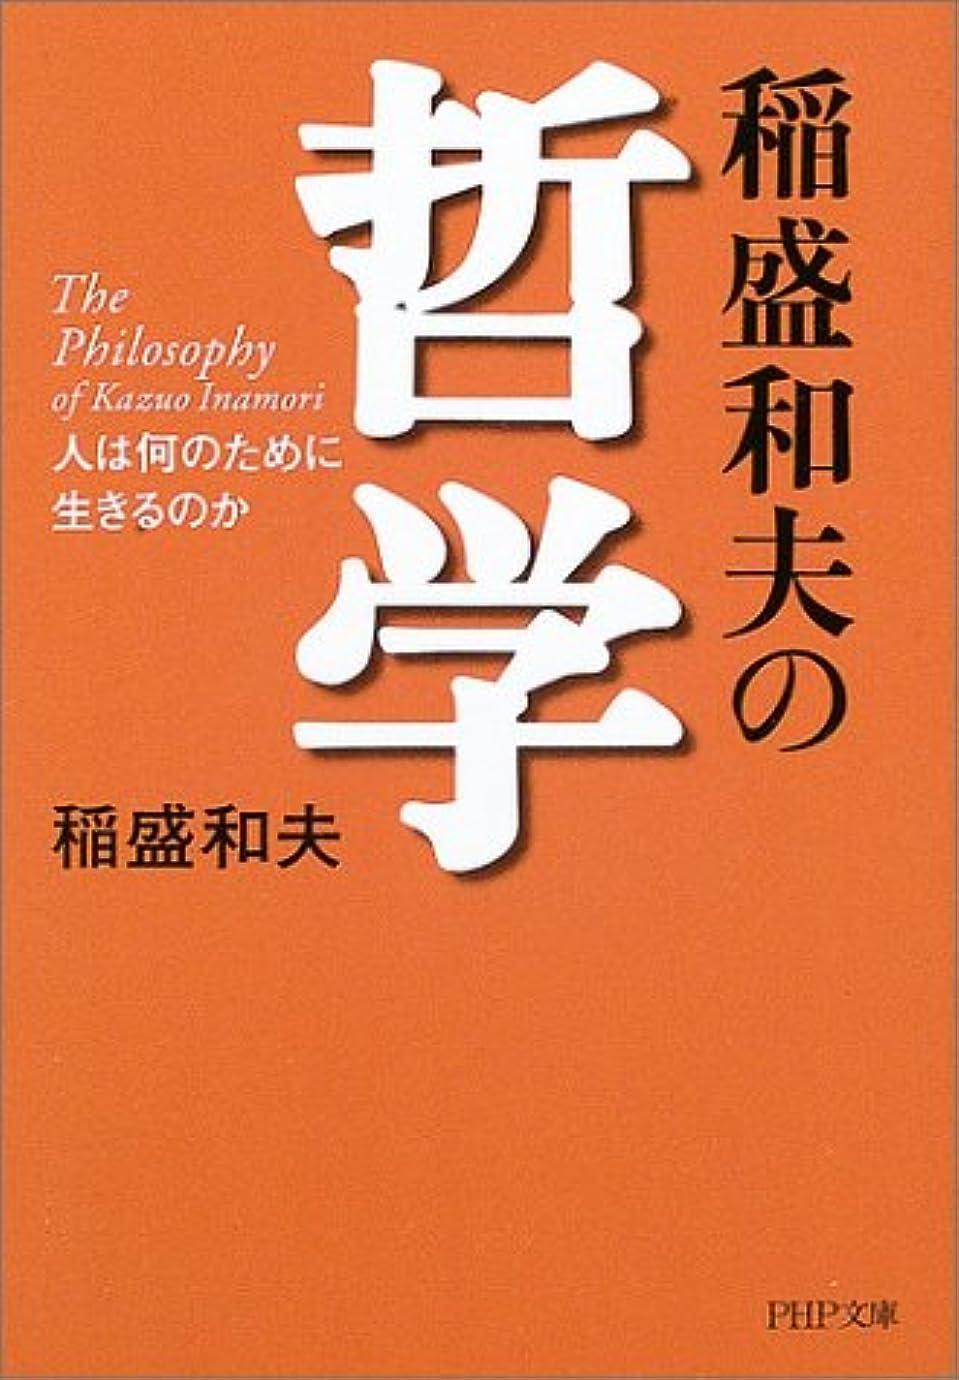 ロック解除東爆弾稲盛和夫の哲学 人は何のために生きるのか (PHP文庫)